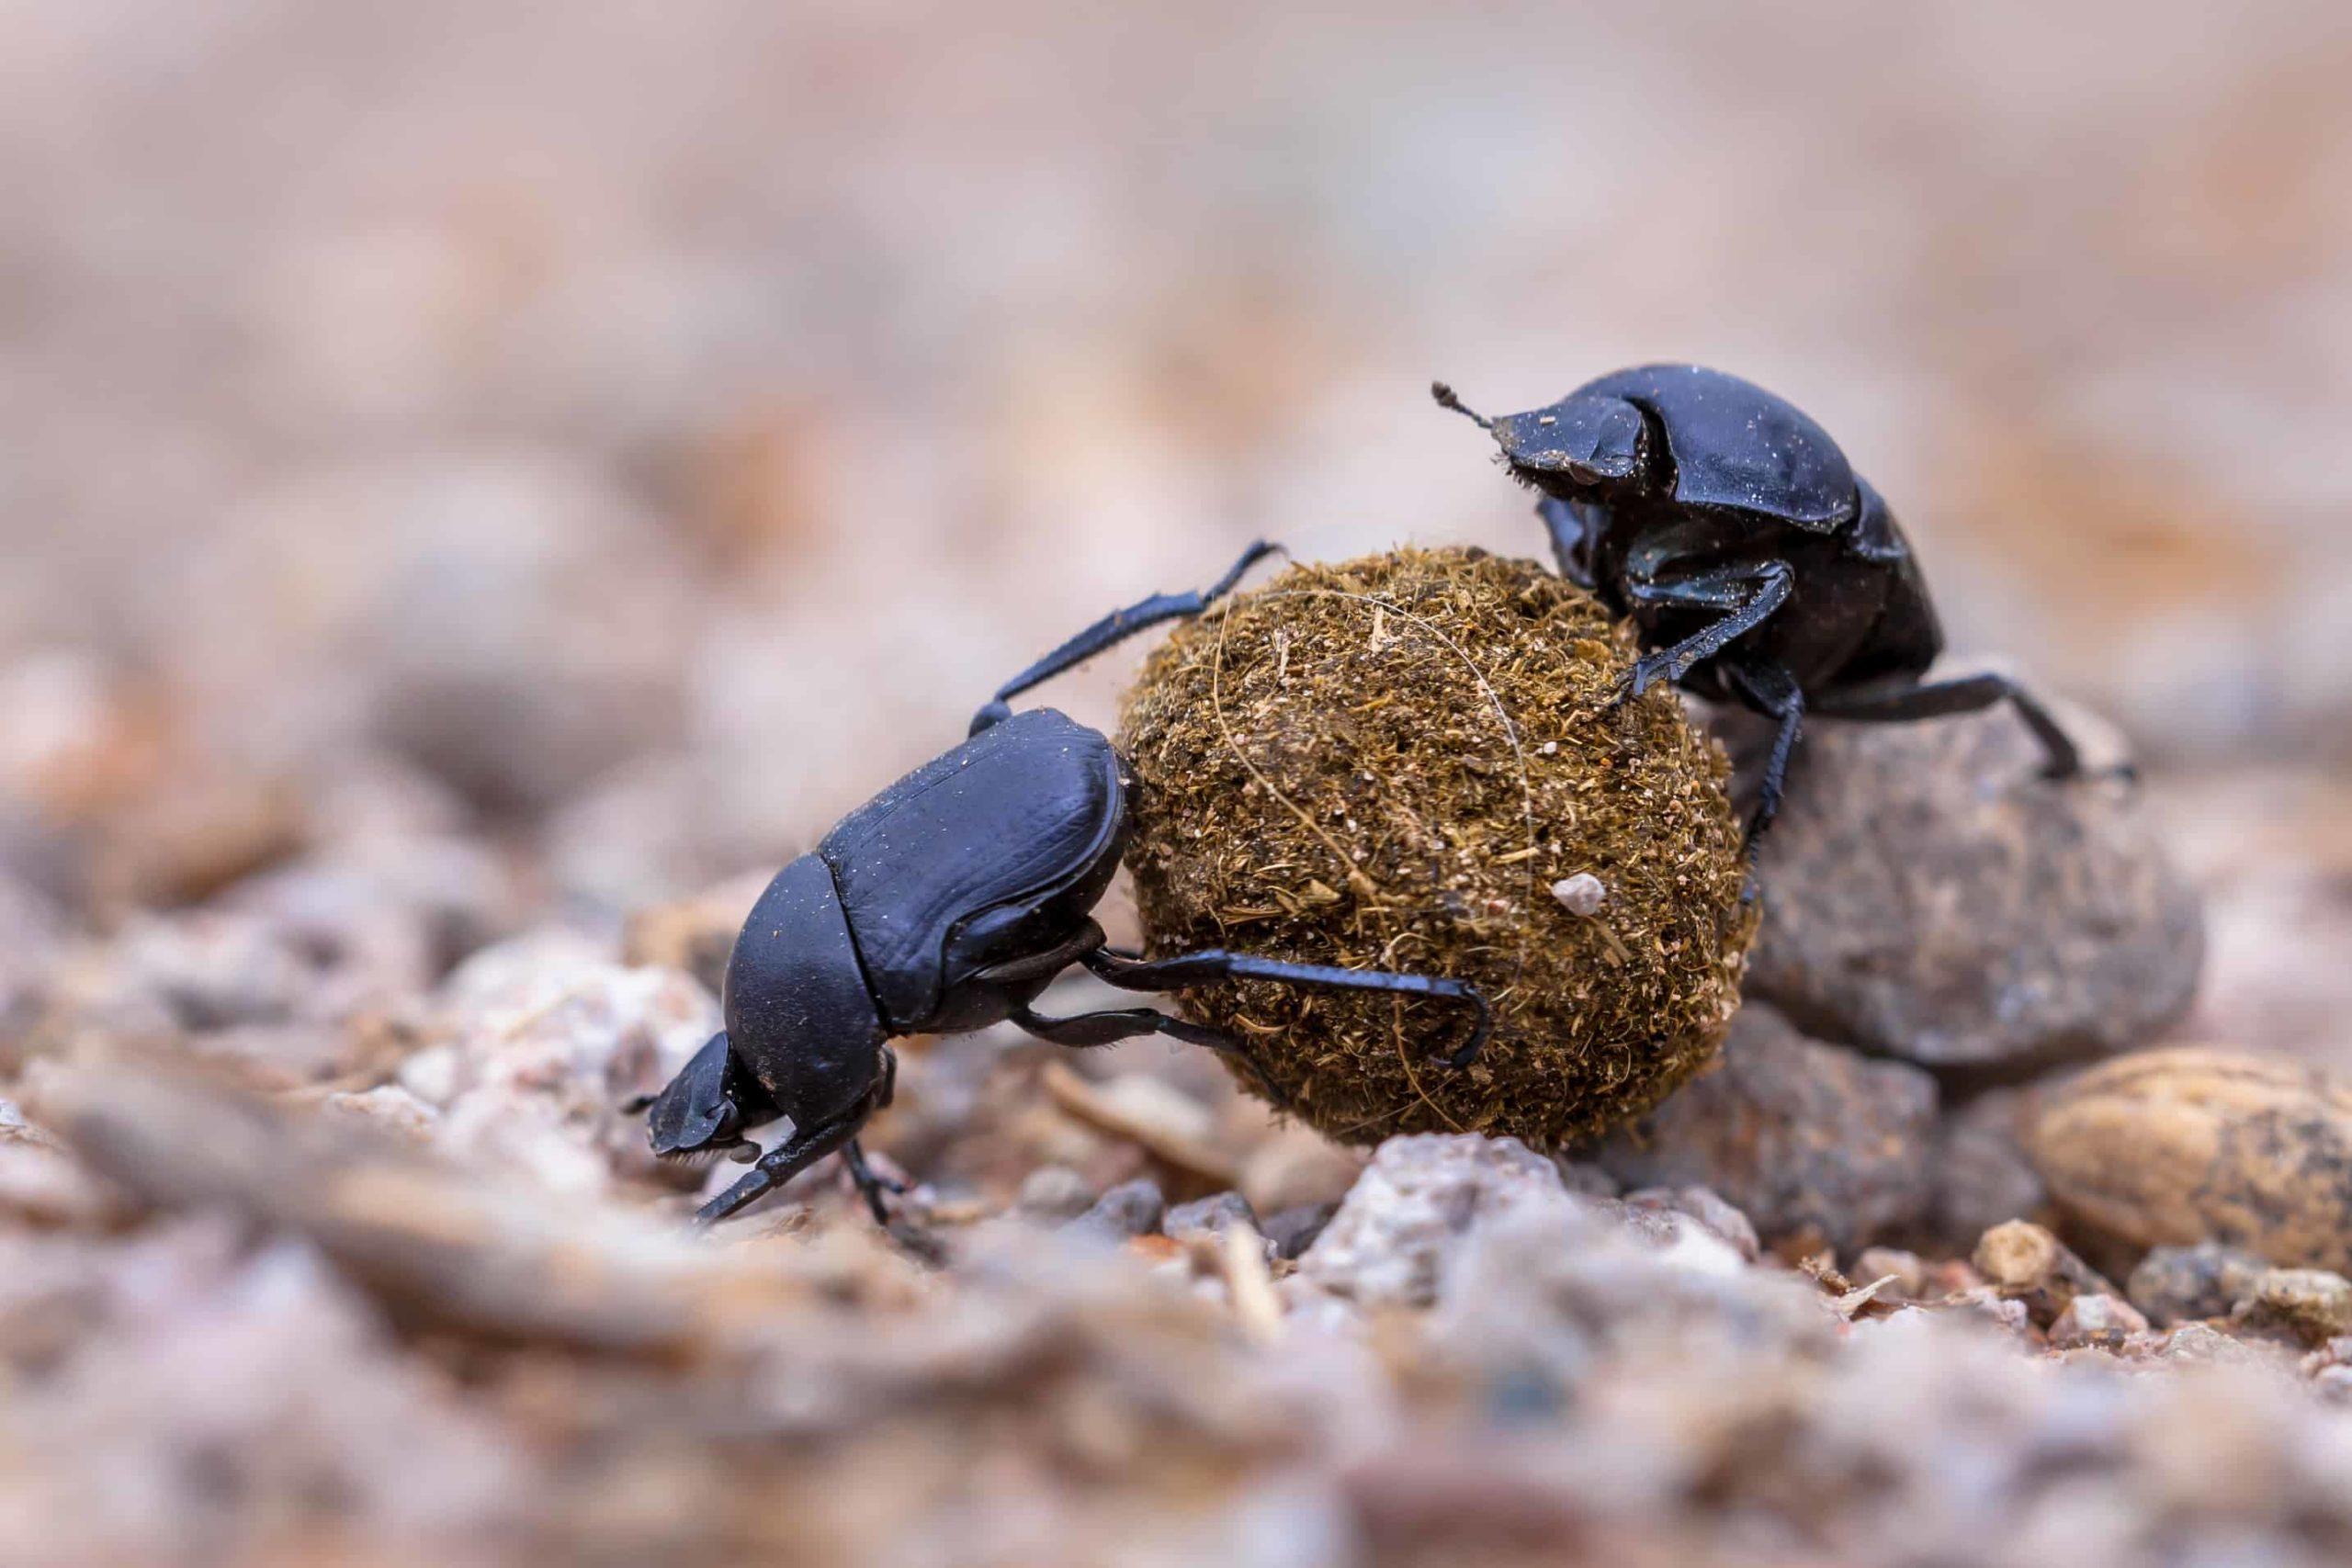 Beetle Pest Control in Las Vegas | Newmans Pest Control